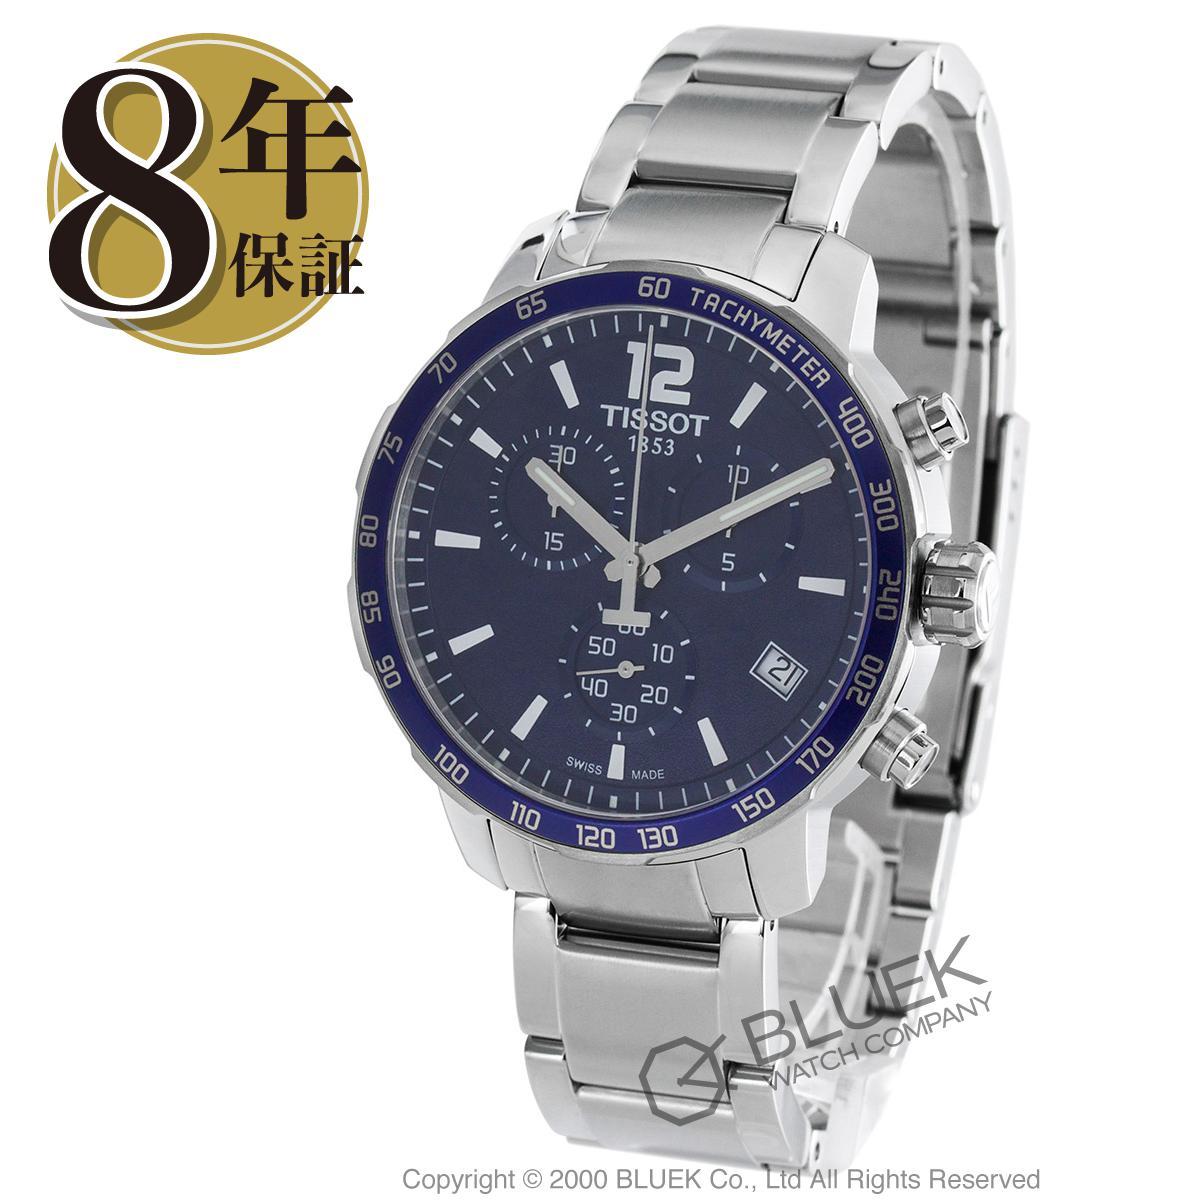 ティソ T-スポーツ クイックスター クロノグラフ 腕時計 メンズ TISSOT T095.417.11.047.00_8